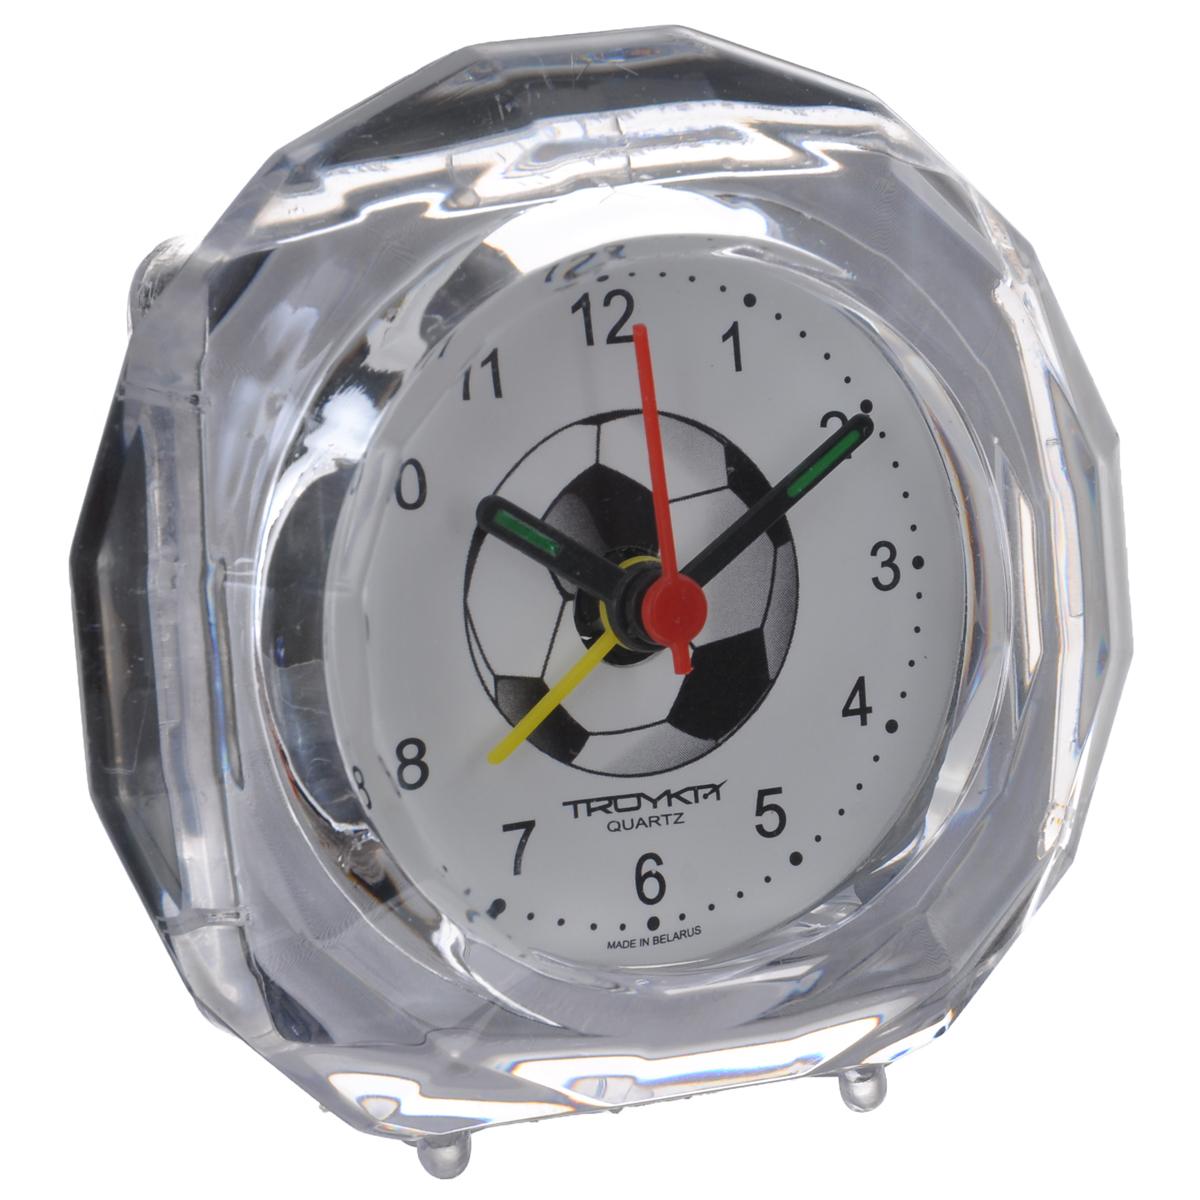 Будильник Troyka, цвет: прозрачный. 02.01702.017Будильник Troyka выполнен из стекла и пластика. Он поможет вам просыпаться по утрам и никуда не опаздывать. Циферблат украшен изображением футбольного мяча. На задней панели будильника расположены переключатель включения/выключения механизма и два колесика для настройки текущего времени и времени звонка будильника. Будильник работает от 1 батарейки типа AA (не входит в комплект).